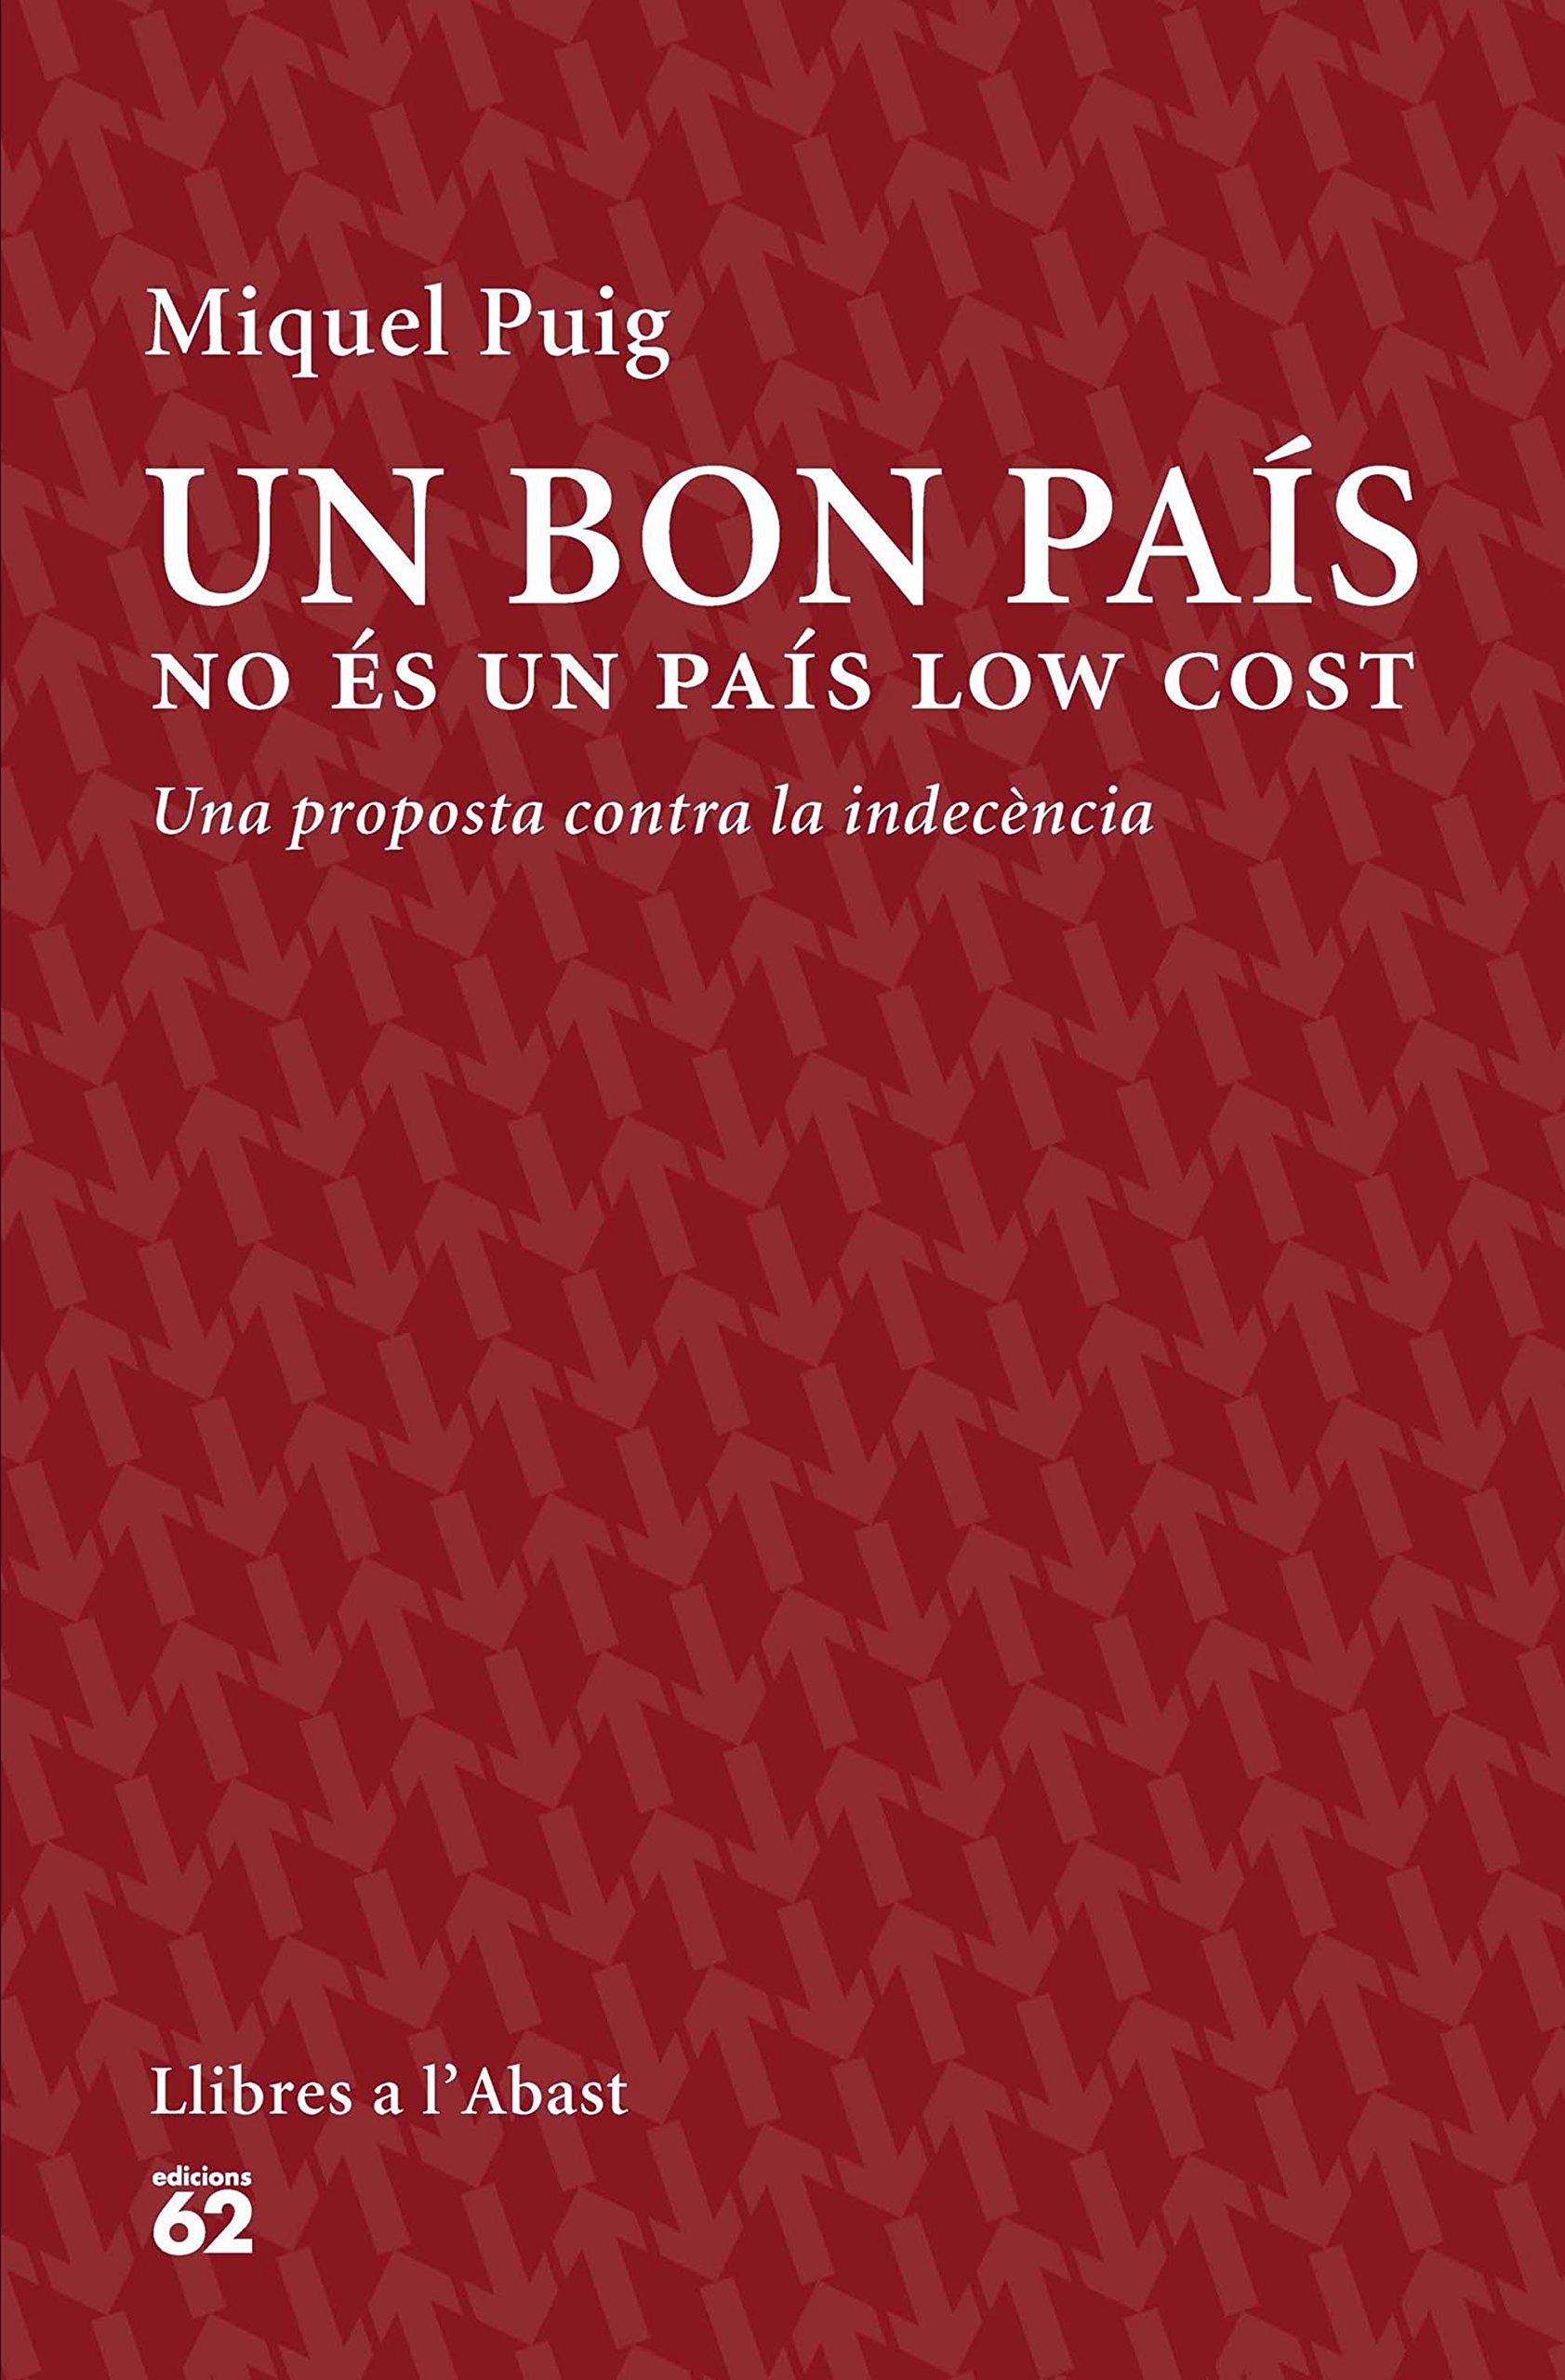 Un bon país no és un país low cost